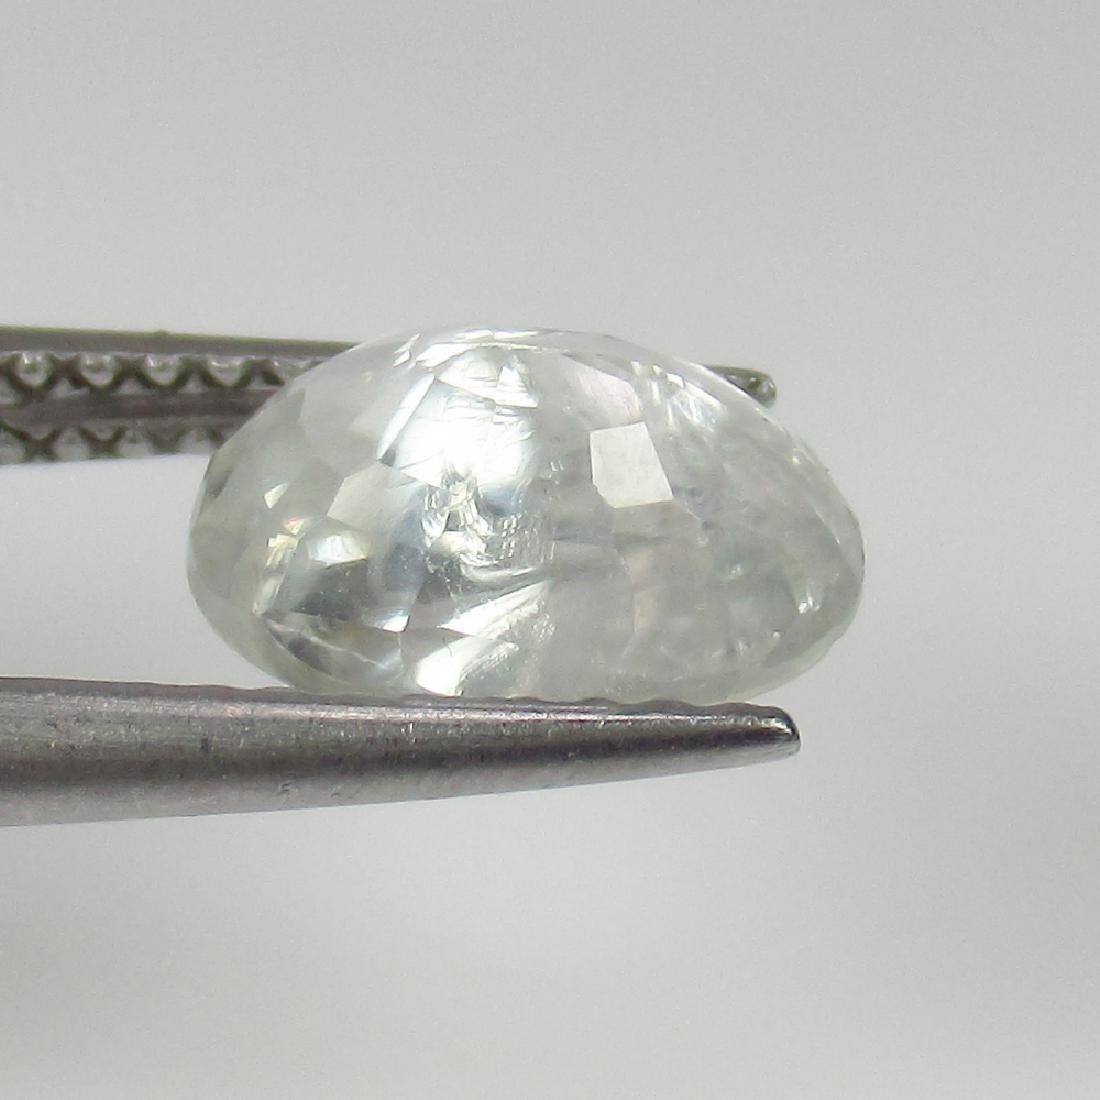 2.60 Ct Genuine Ceylon Unheated White Sapphire Nice - 2